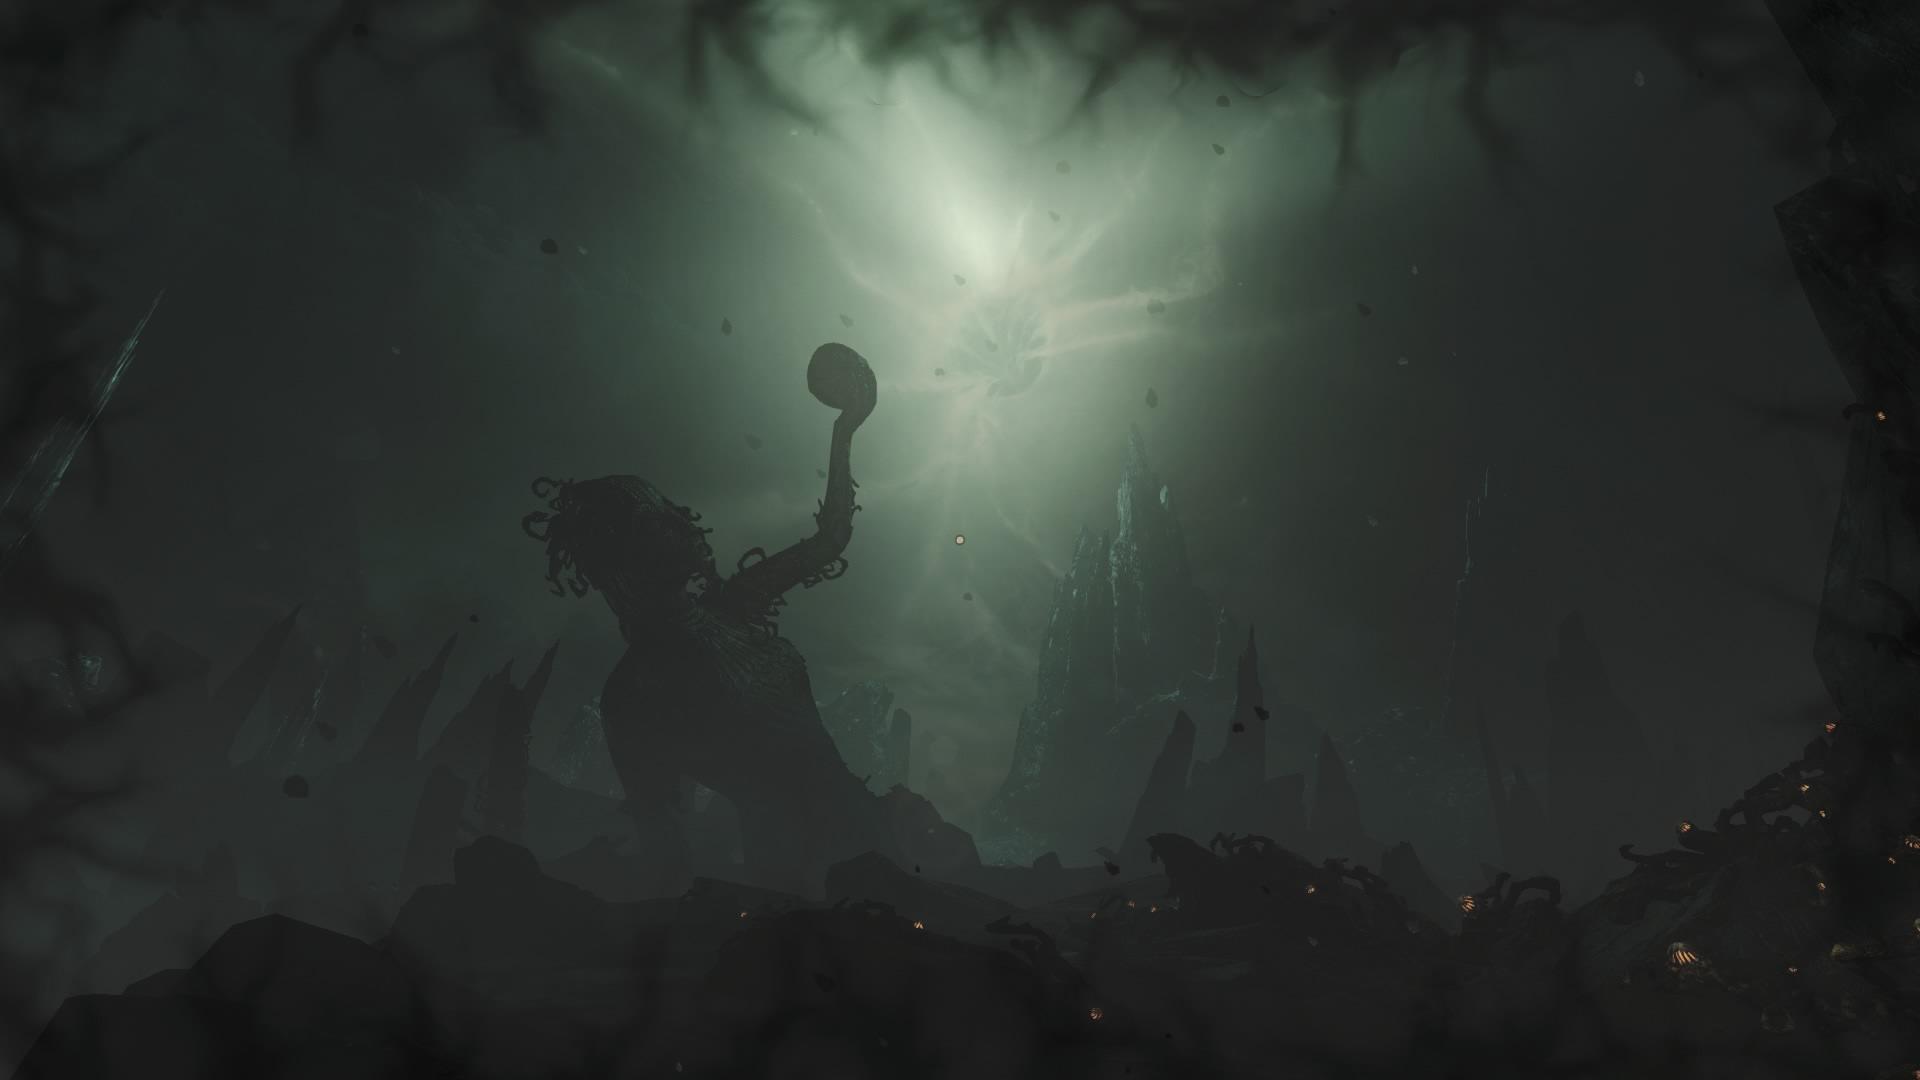 V hre sa nepozrieš iba na rozpálenú púšť a do temných jaskýň.